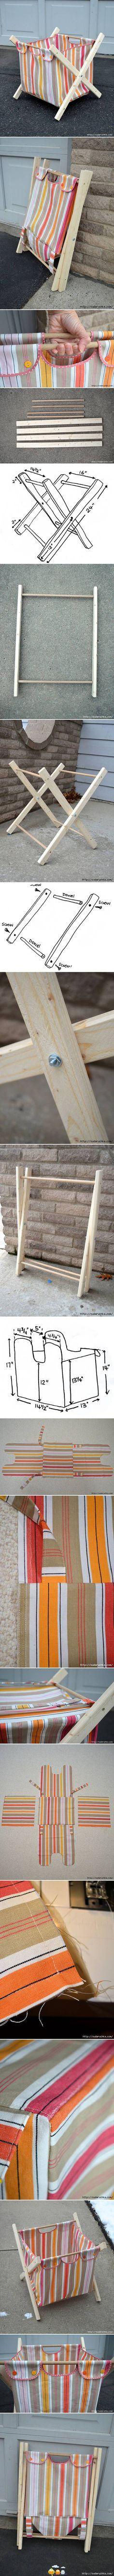 Cesto en tela y madera